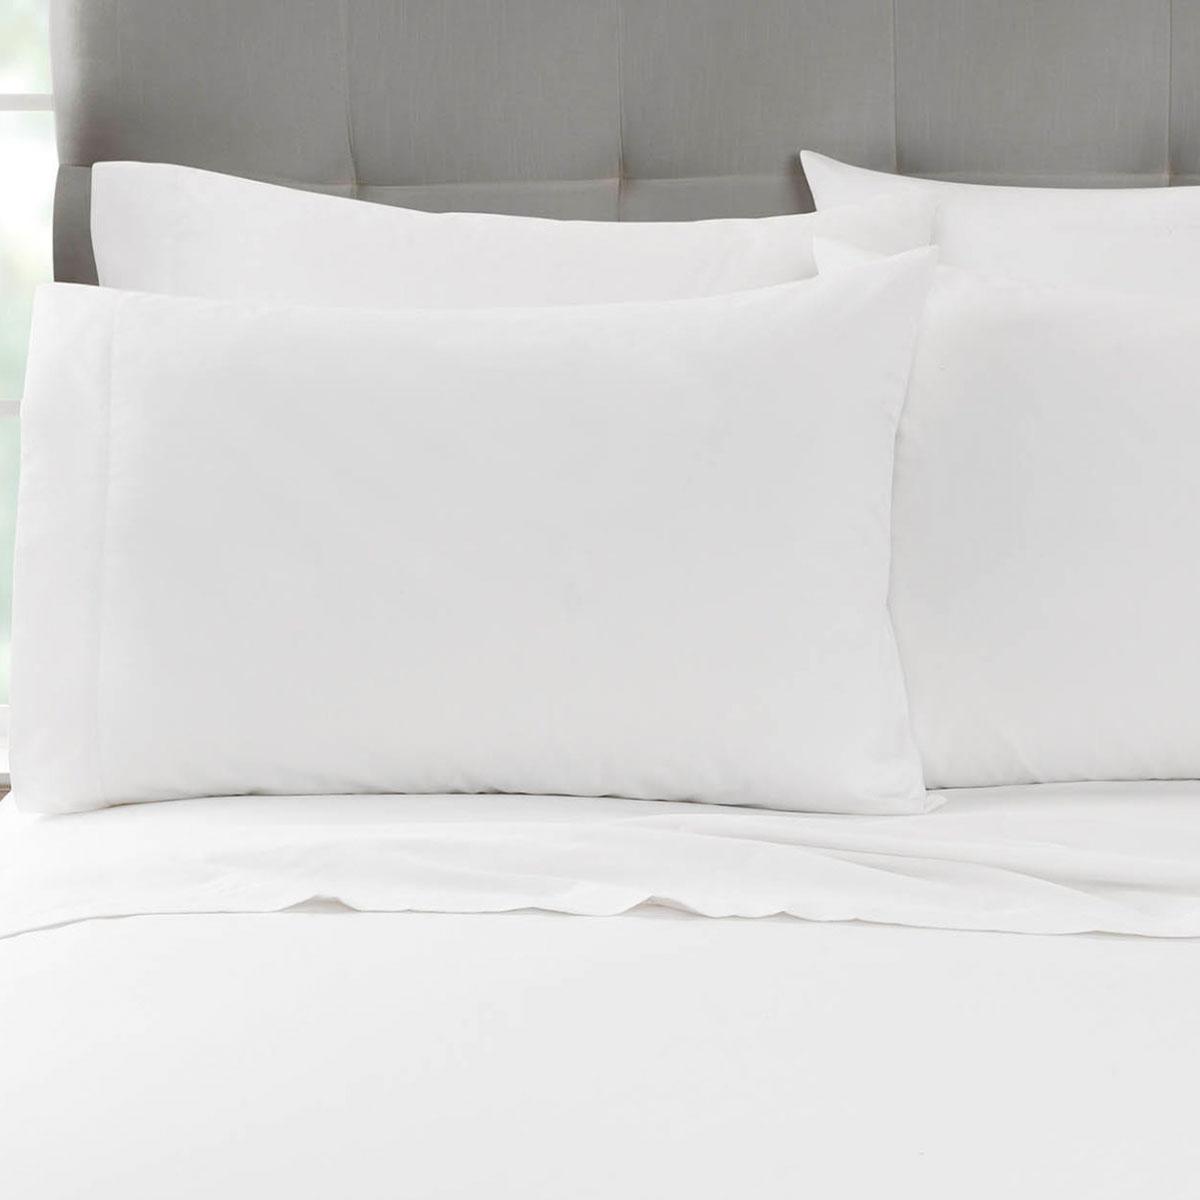 martex millennium t 250 pillow sham queen 20x30 60 cotton 40